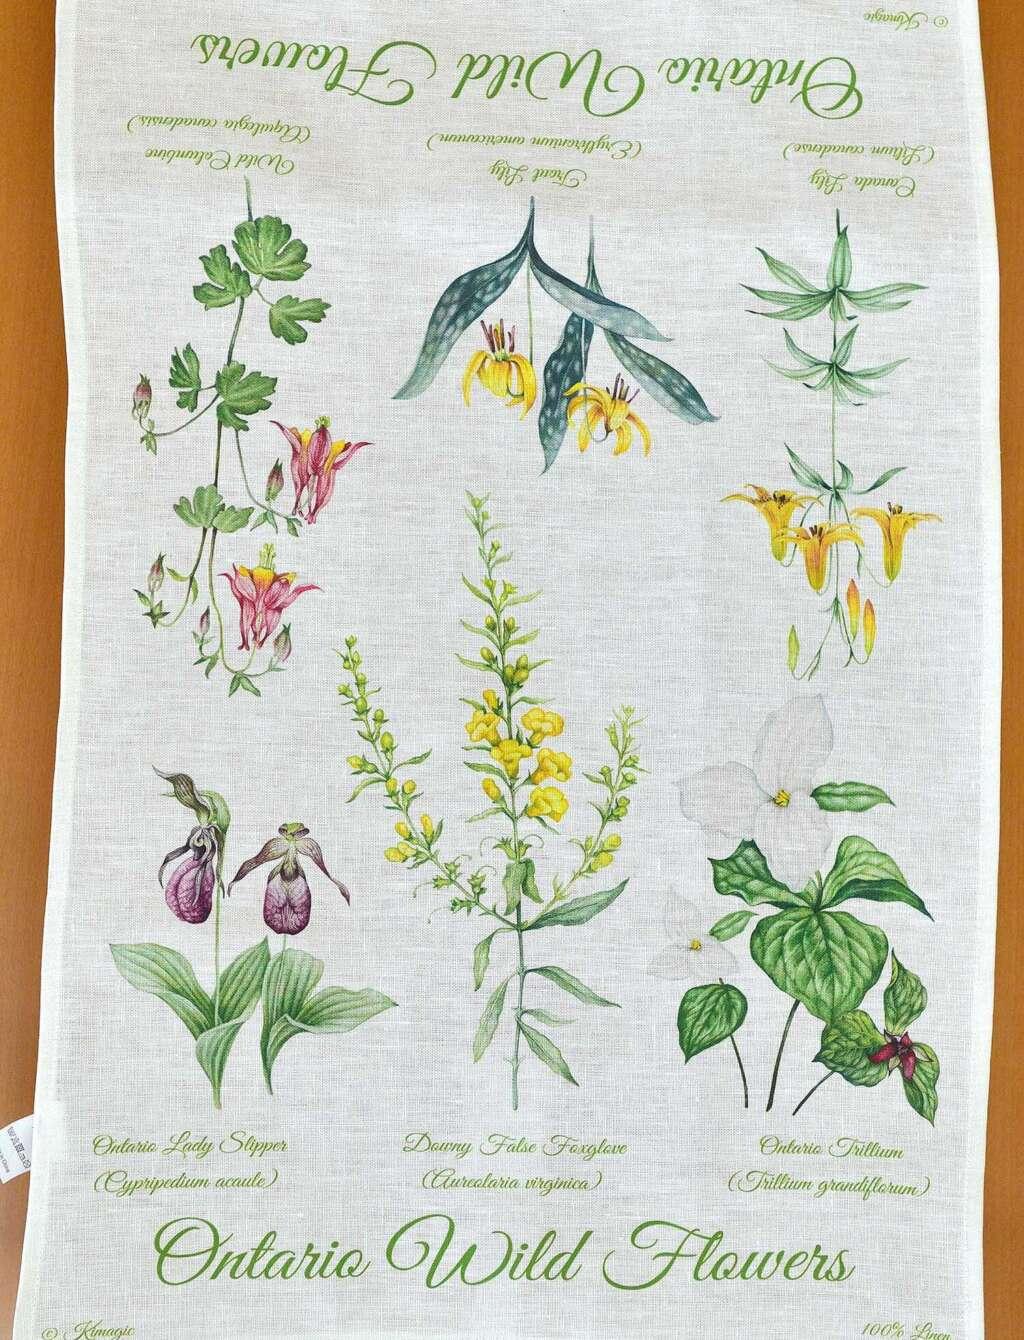 CANADA ONTARIO WILD FLOWERS LINEN TOWEL